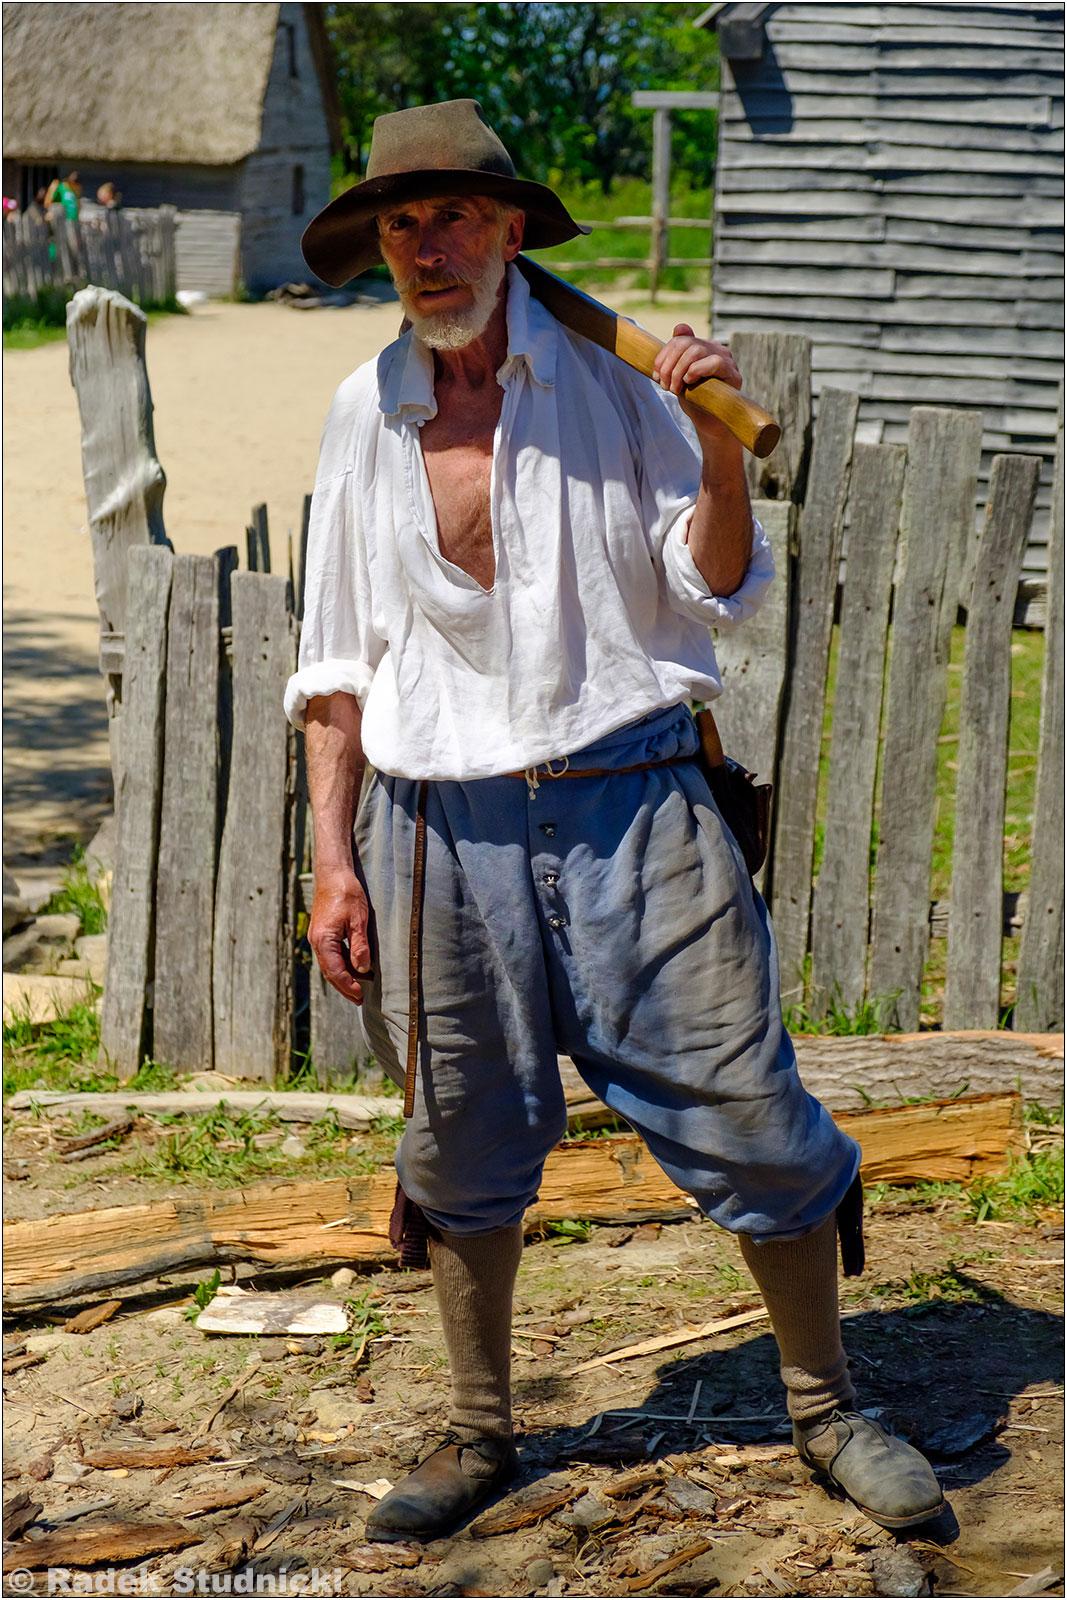 Jeden z pielgrzymów w Plimoth Plantation